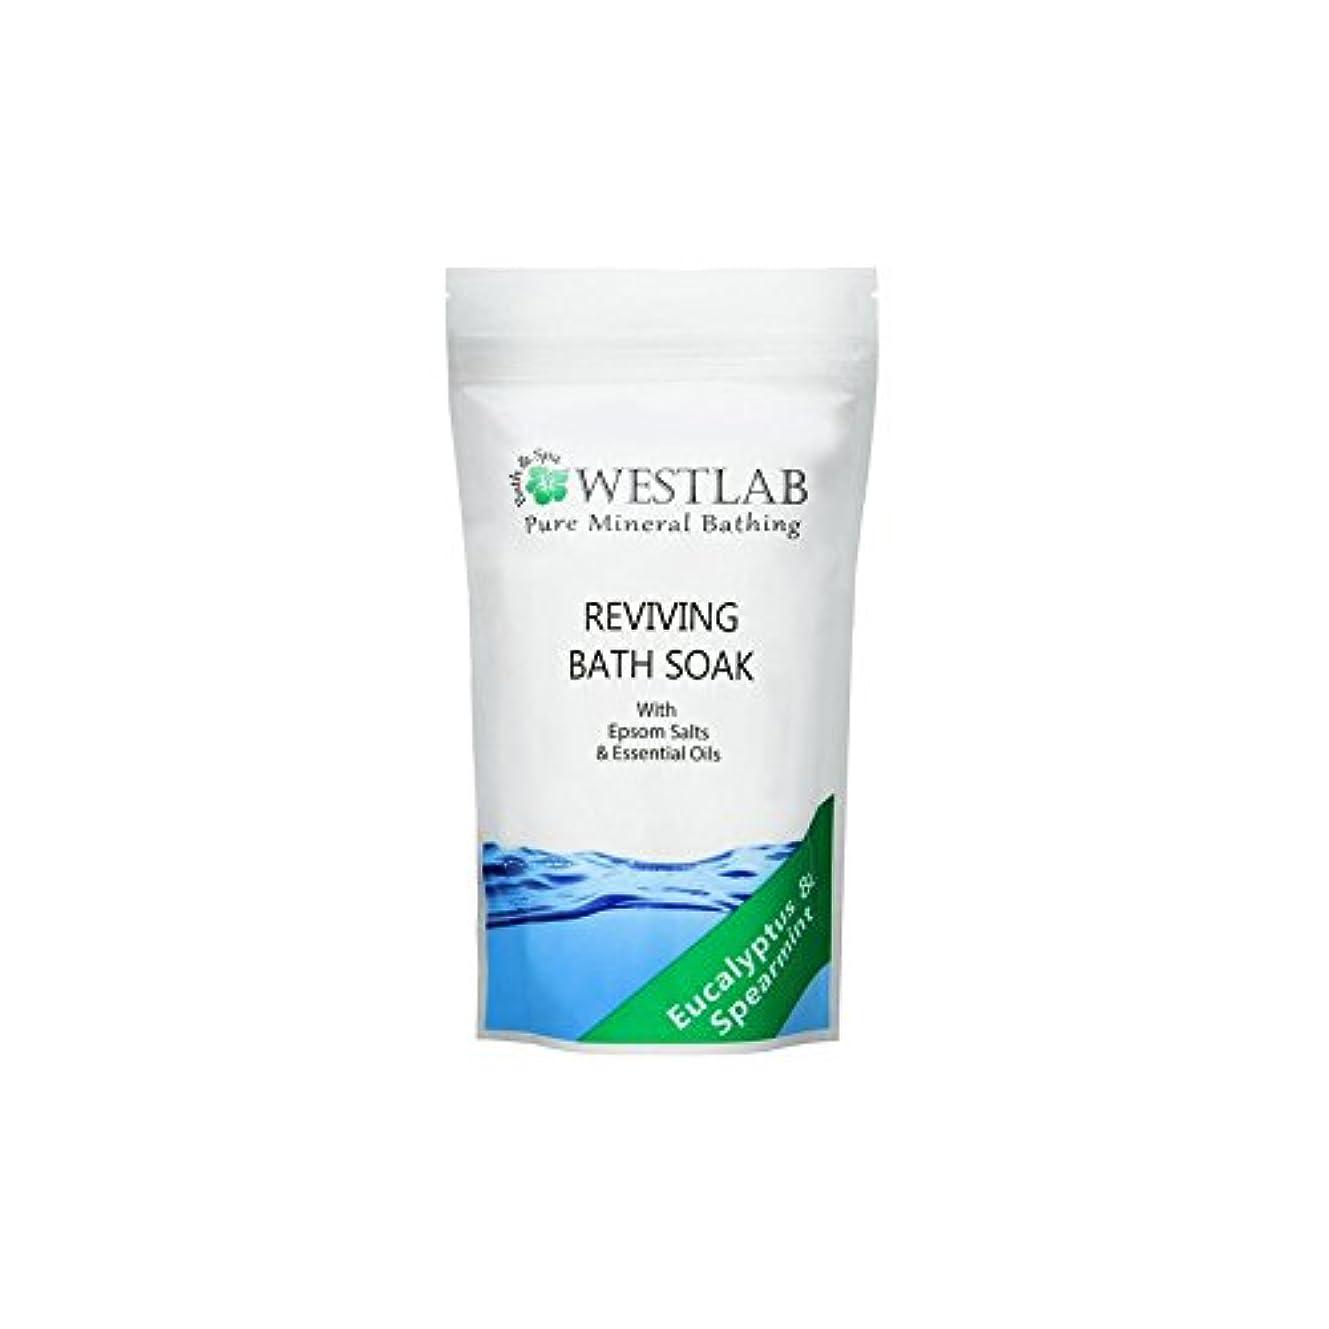 法律接尾辞通路(500グラム)をソークエプソム塩浴を復活させます x2 - Westlab Revive Epsom Salt Bath Soak (500g) (Pack of 2) [並行輸入品]